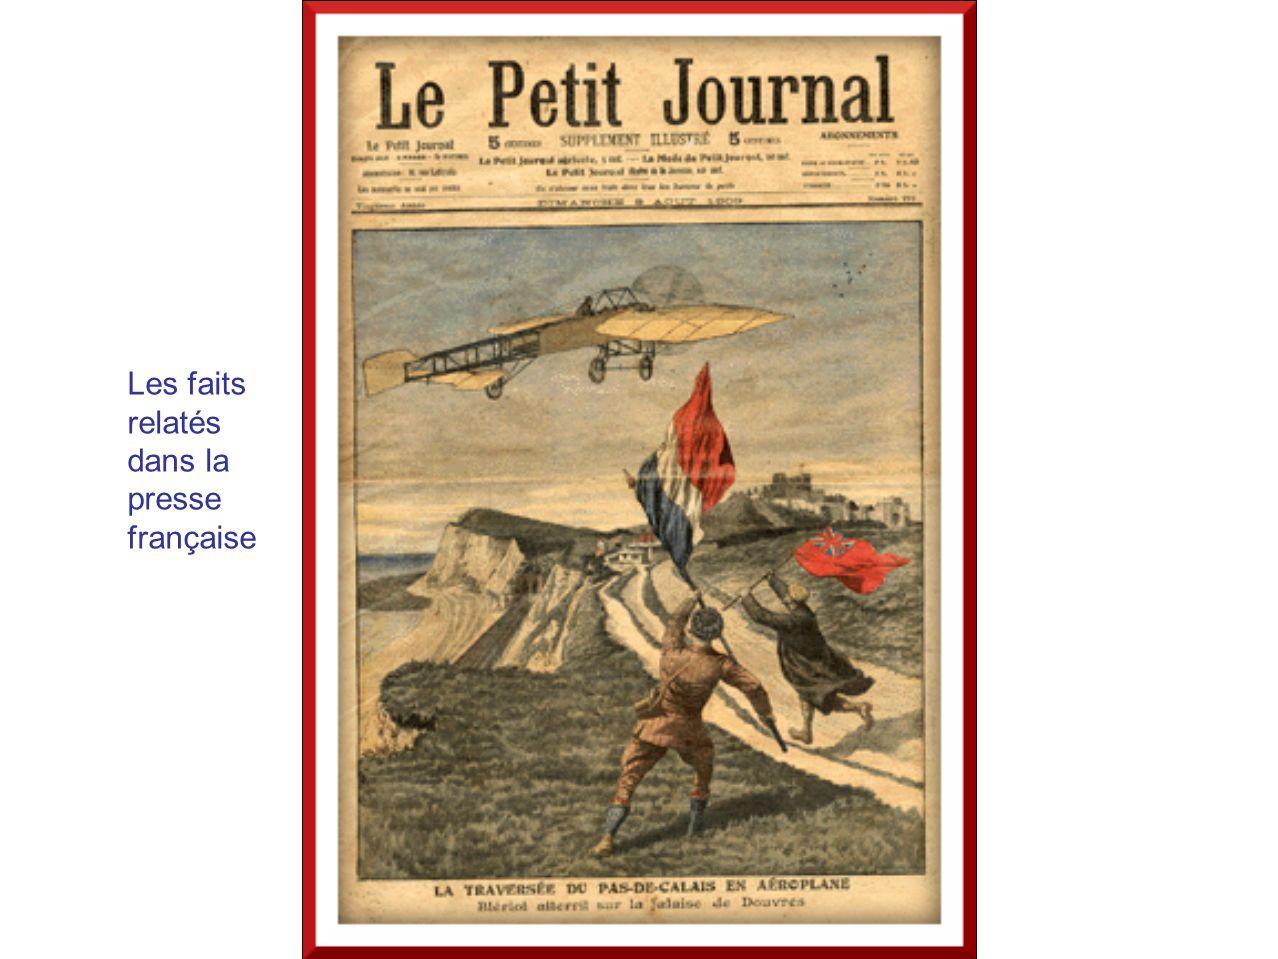 Les faits relatés dans la presse française